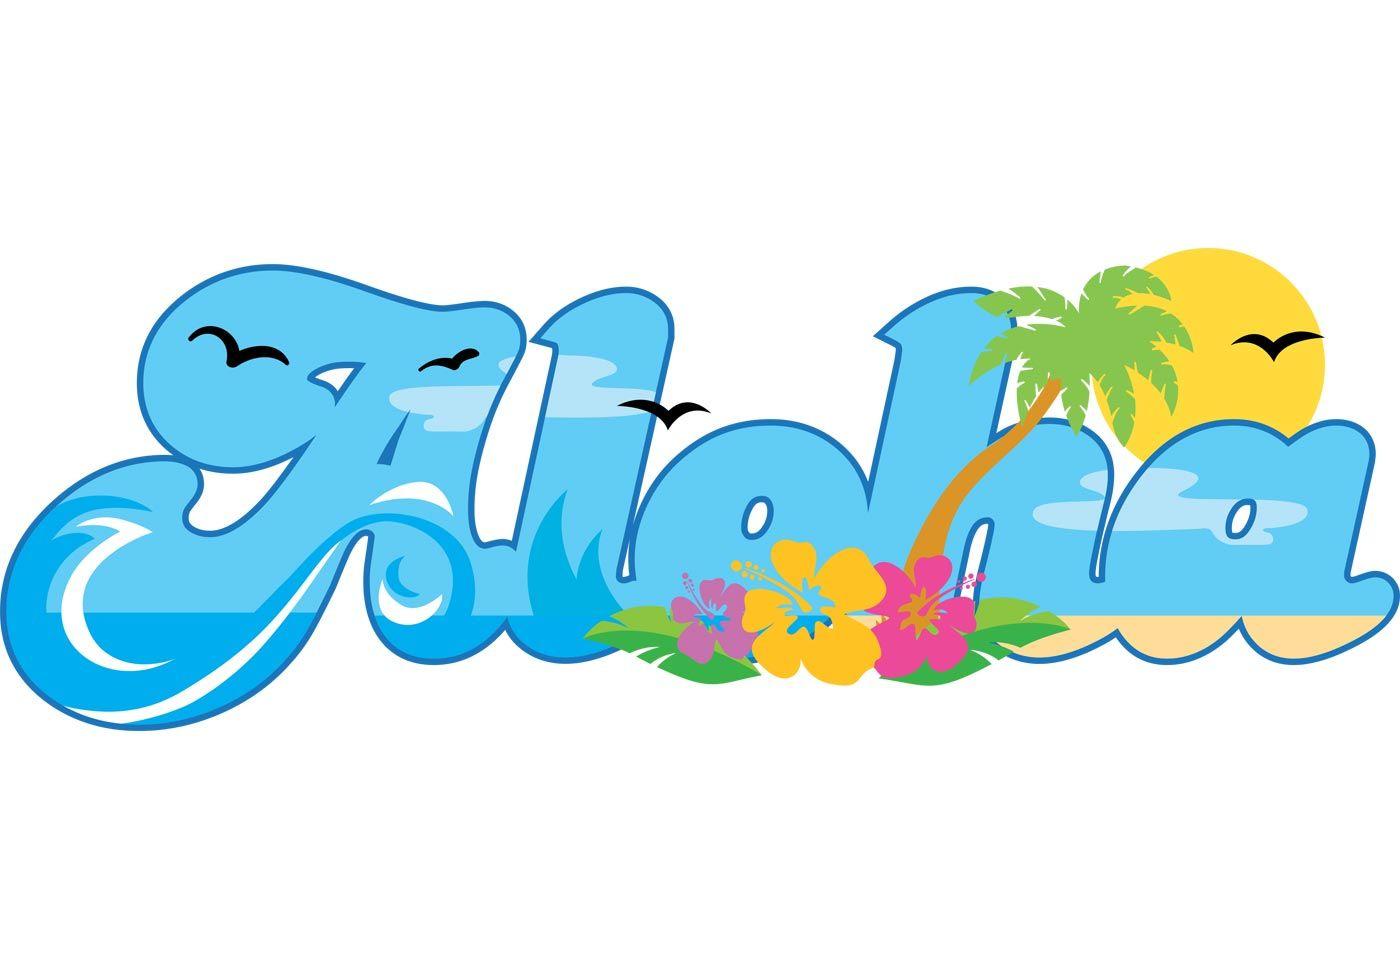 Clip art backgrounds hawaii. Hawaiian clipart aloha word